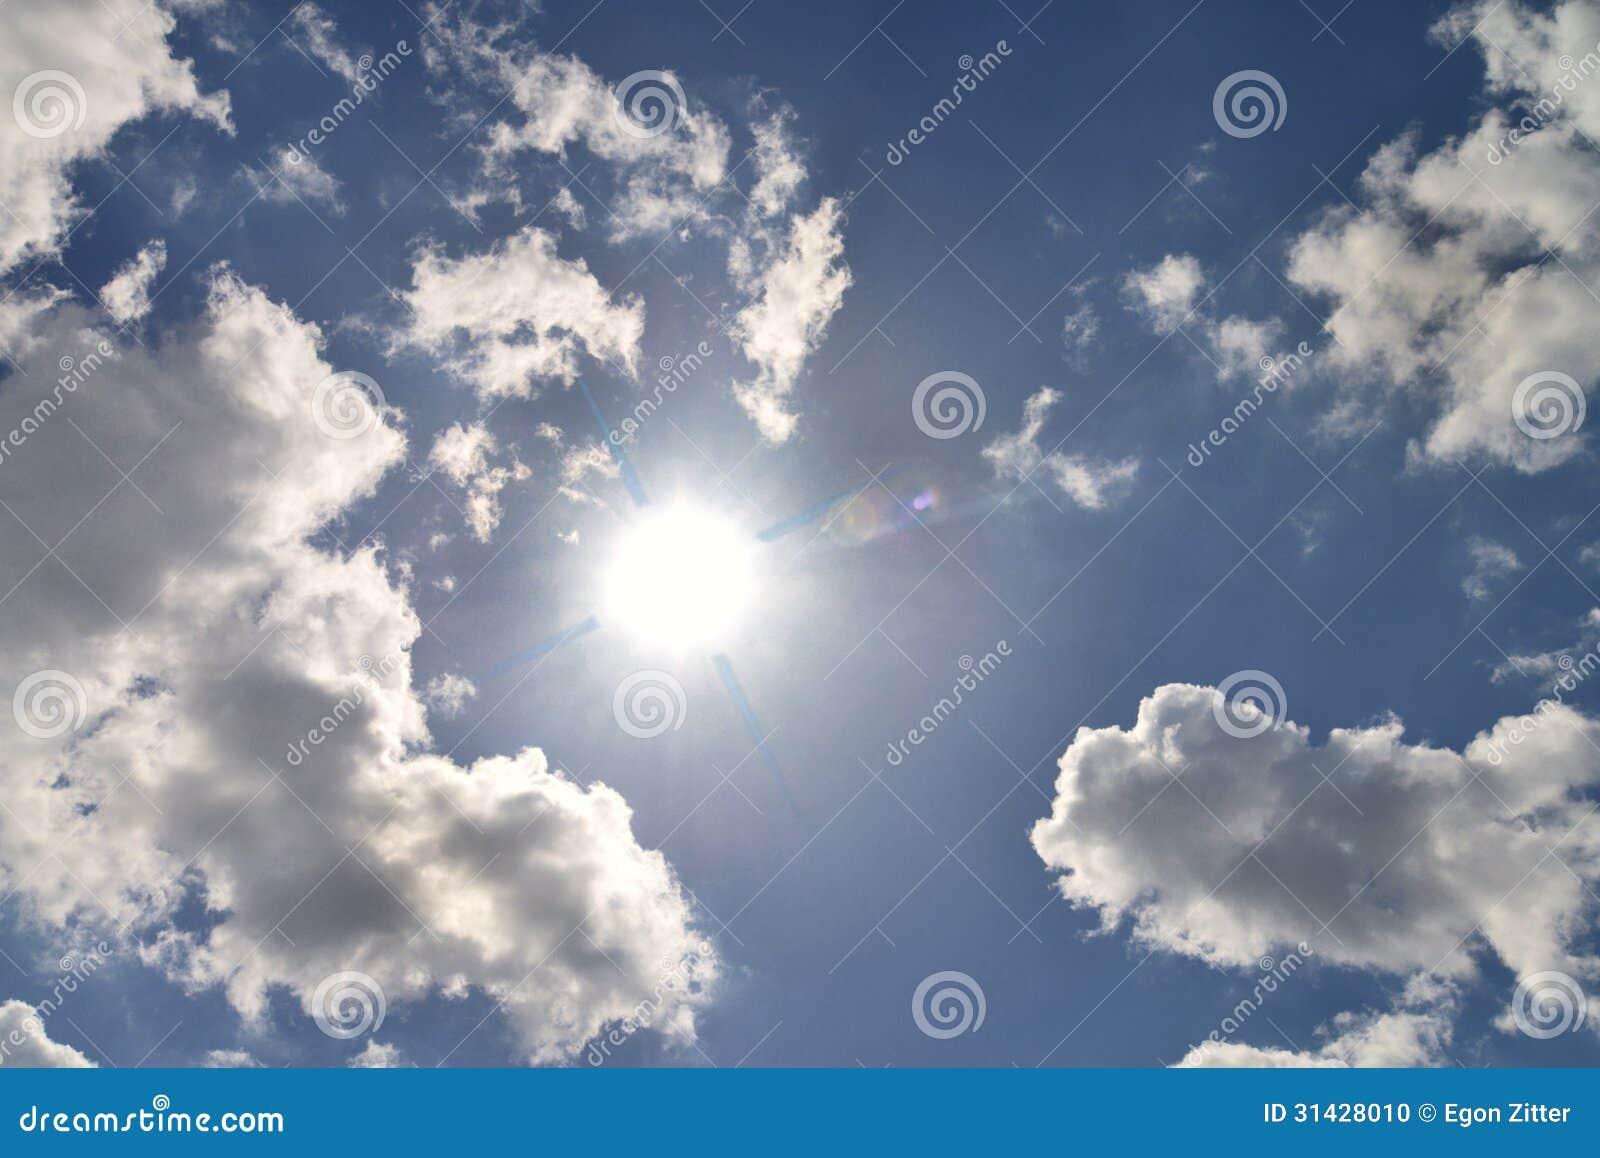 太阳和云彩